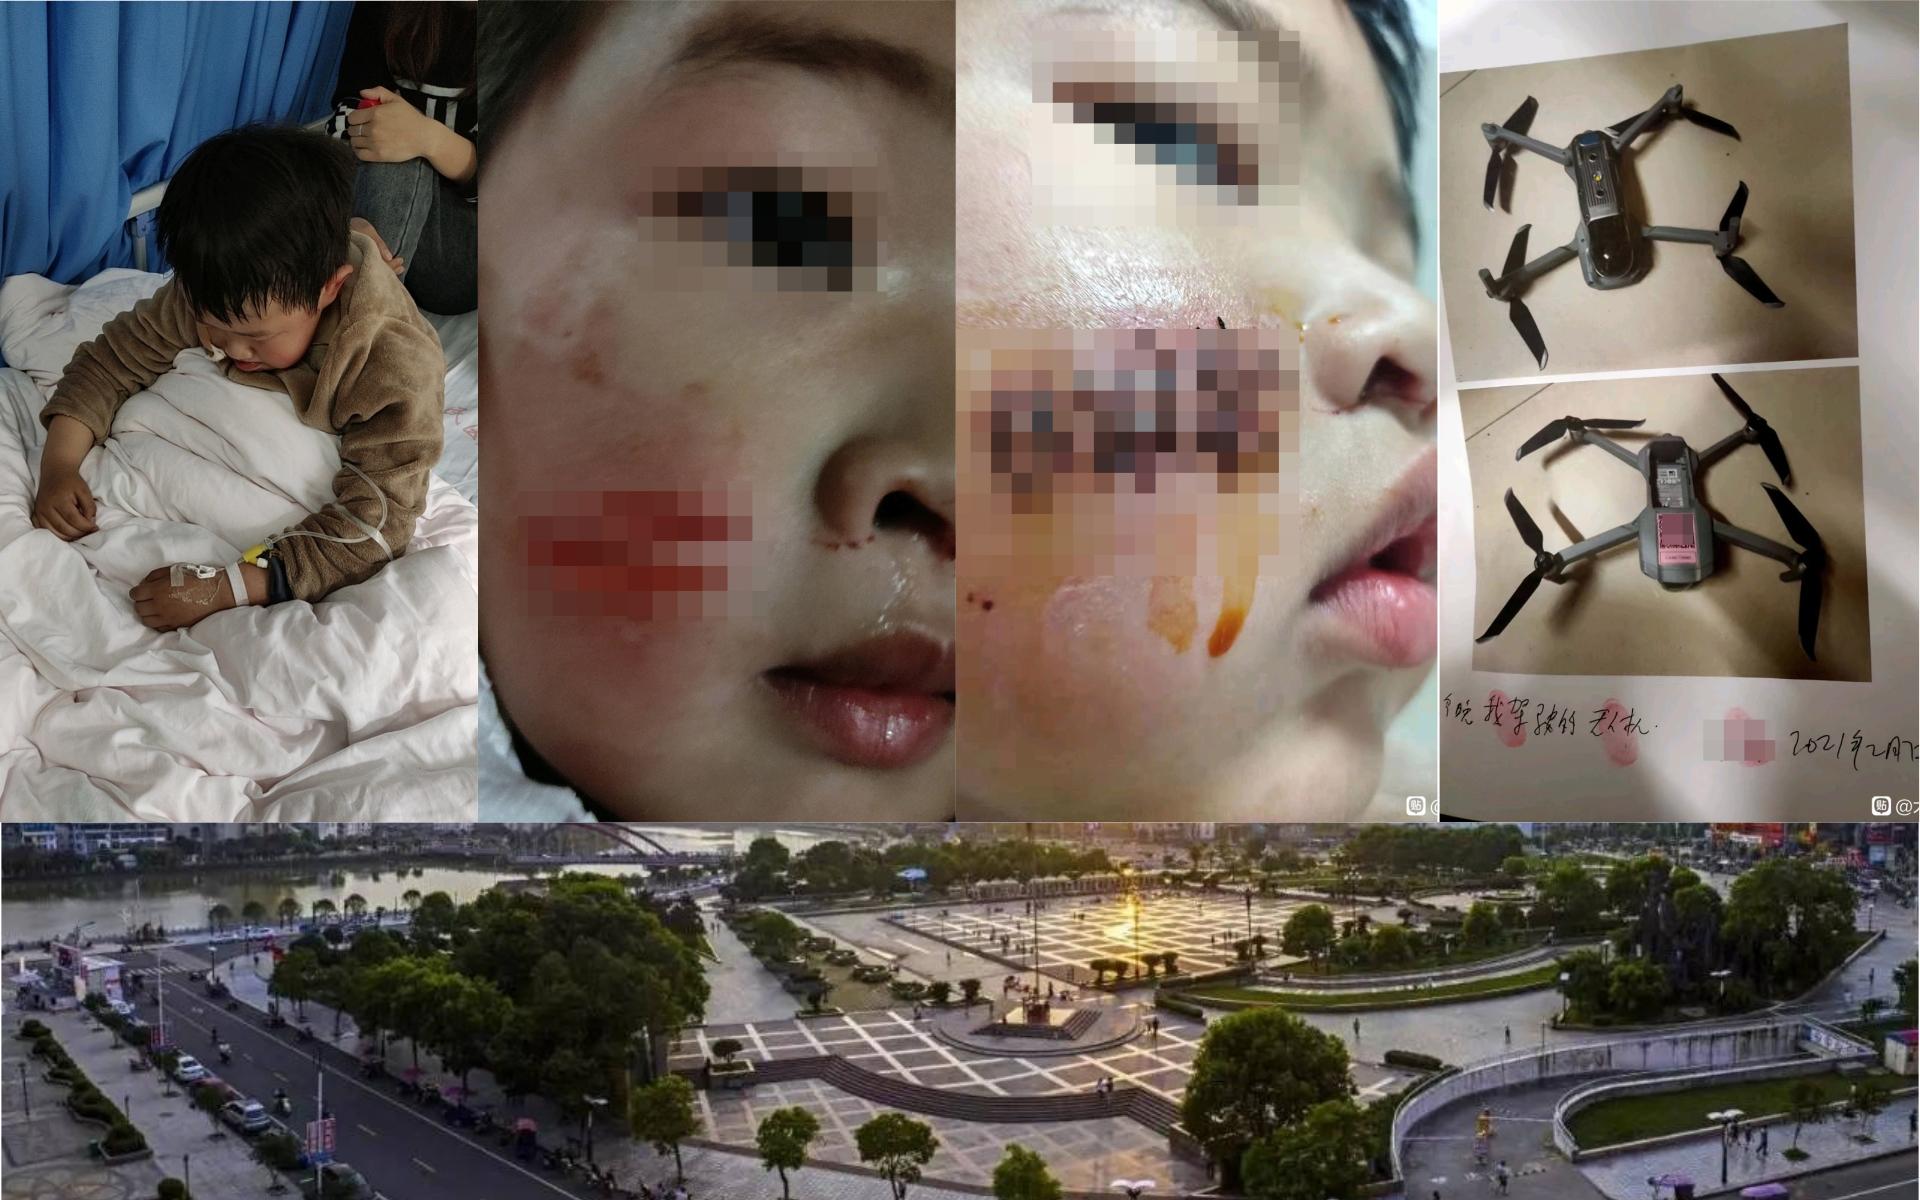 5 歲童江西一廣場內被無人機「割臉」毀容 涉事飛手持職業資格證書